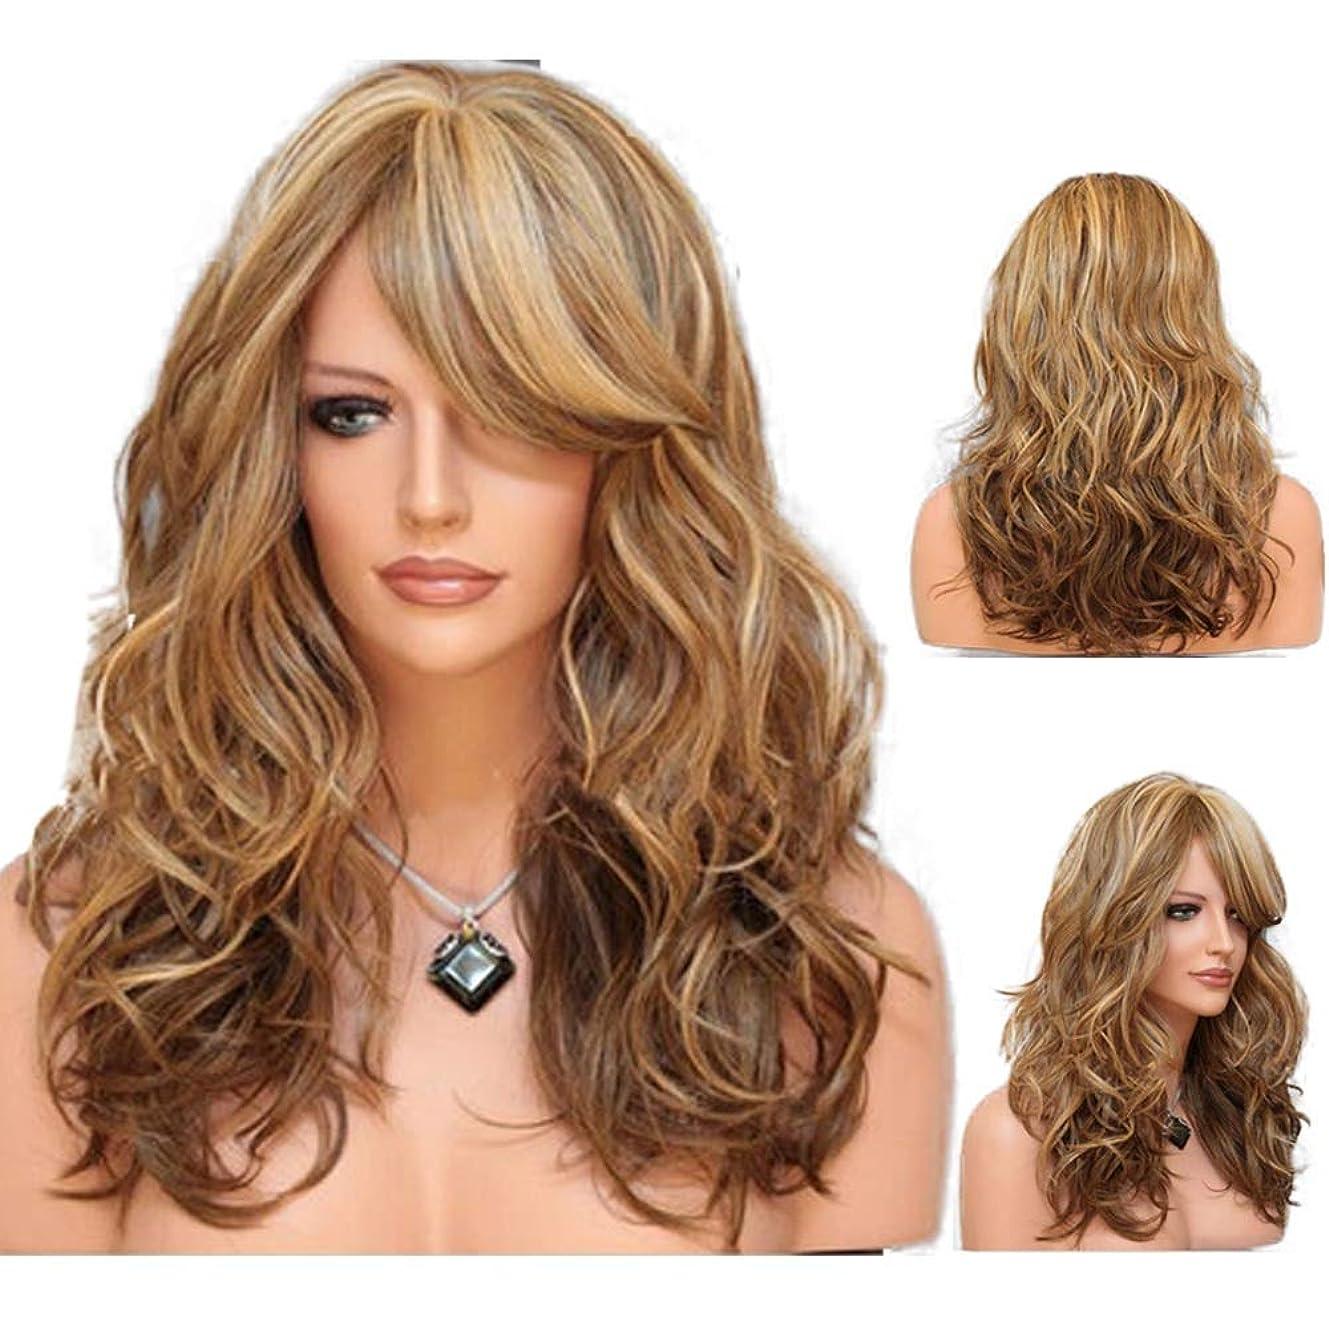 囲まれた義務形女性の長い巻き毛の波状髪のかつら24インチ魅力的な熱にやさしい人工毛交換かつらハロウィンコスプレ衣装アニメパーティーかつら(かつらキャップ付き) (Color : Brown)